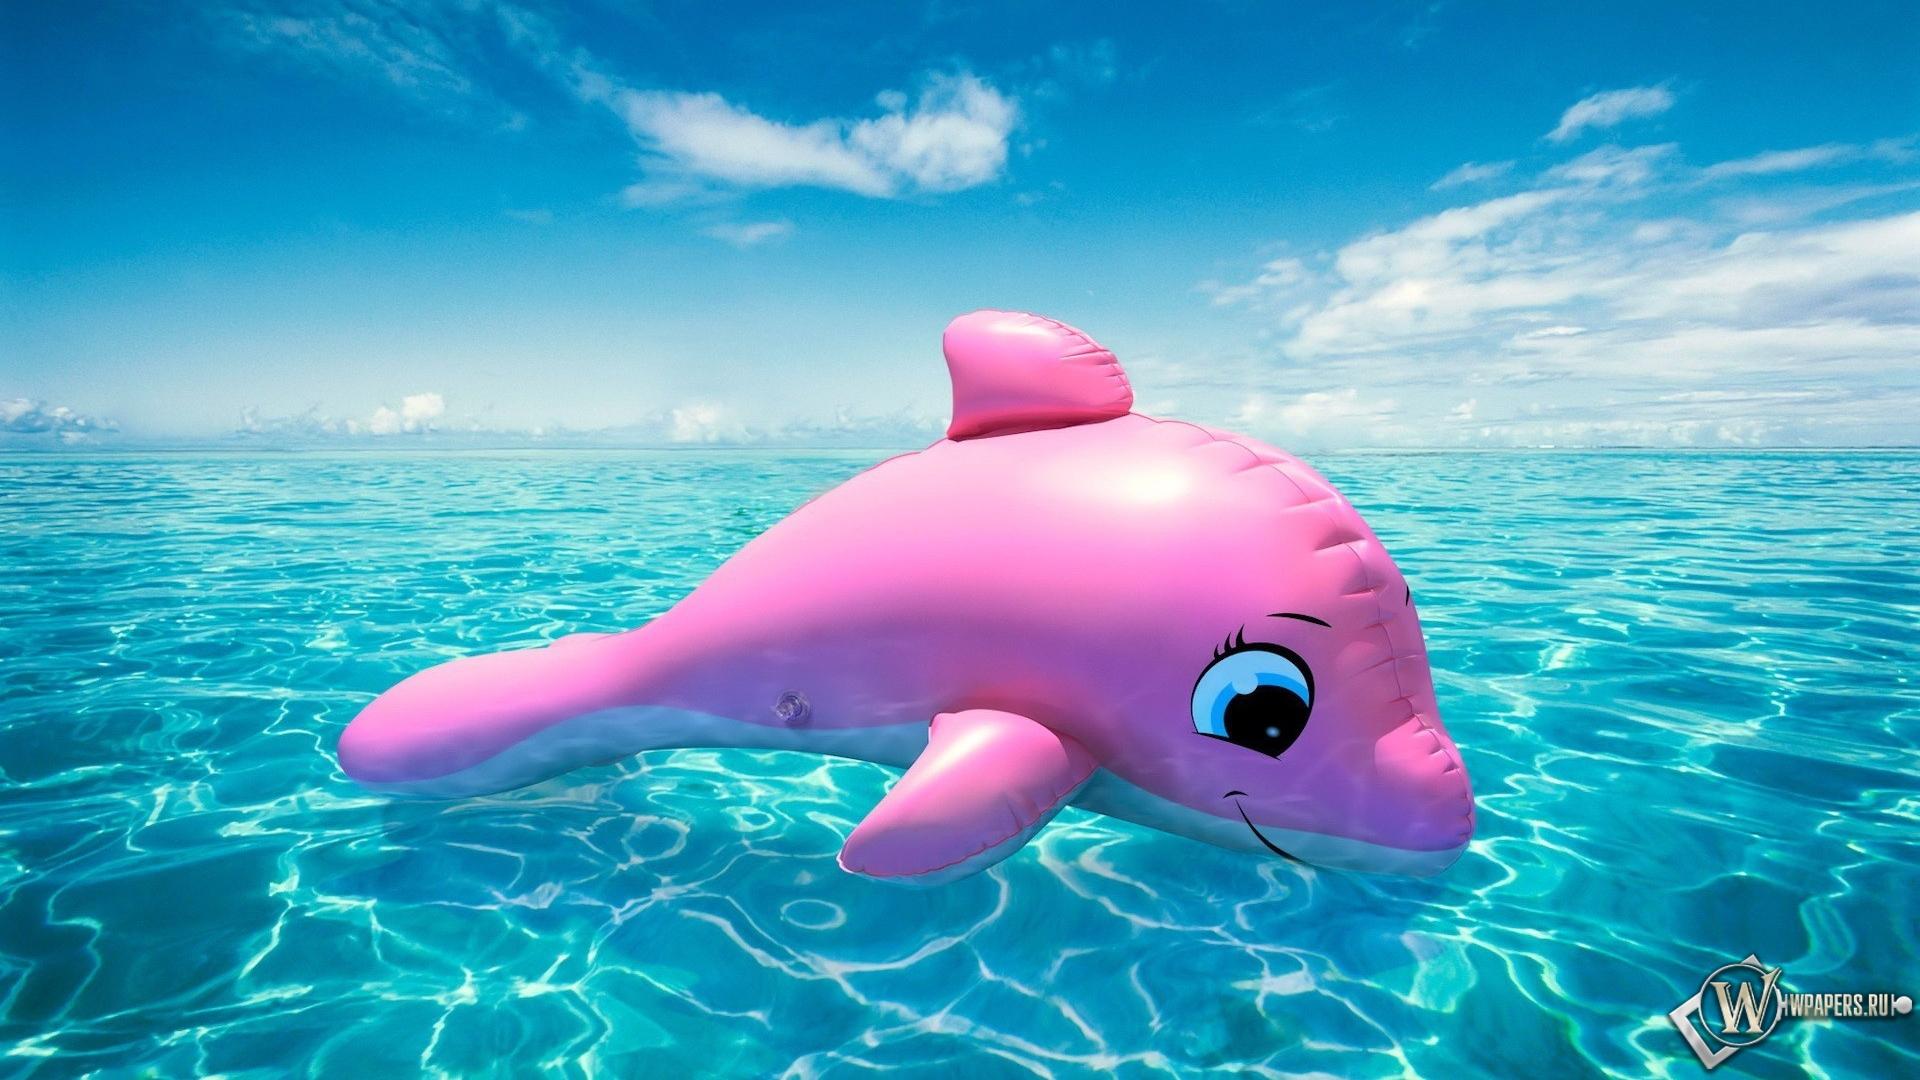 Надувной дельфин 1920x1080